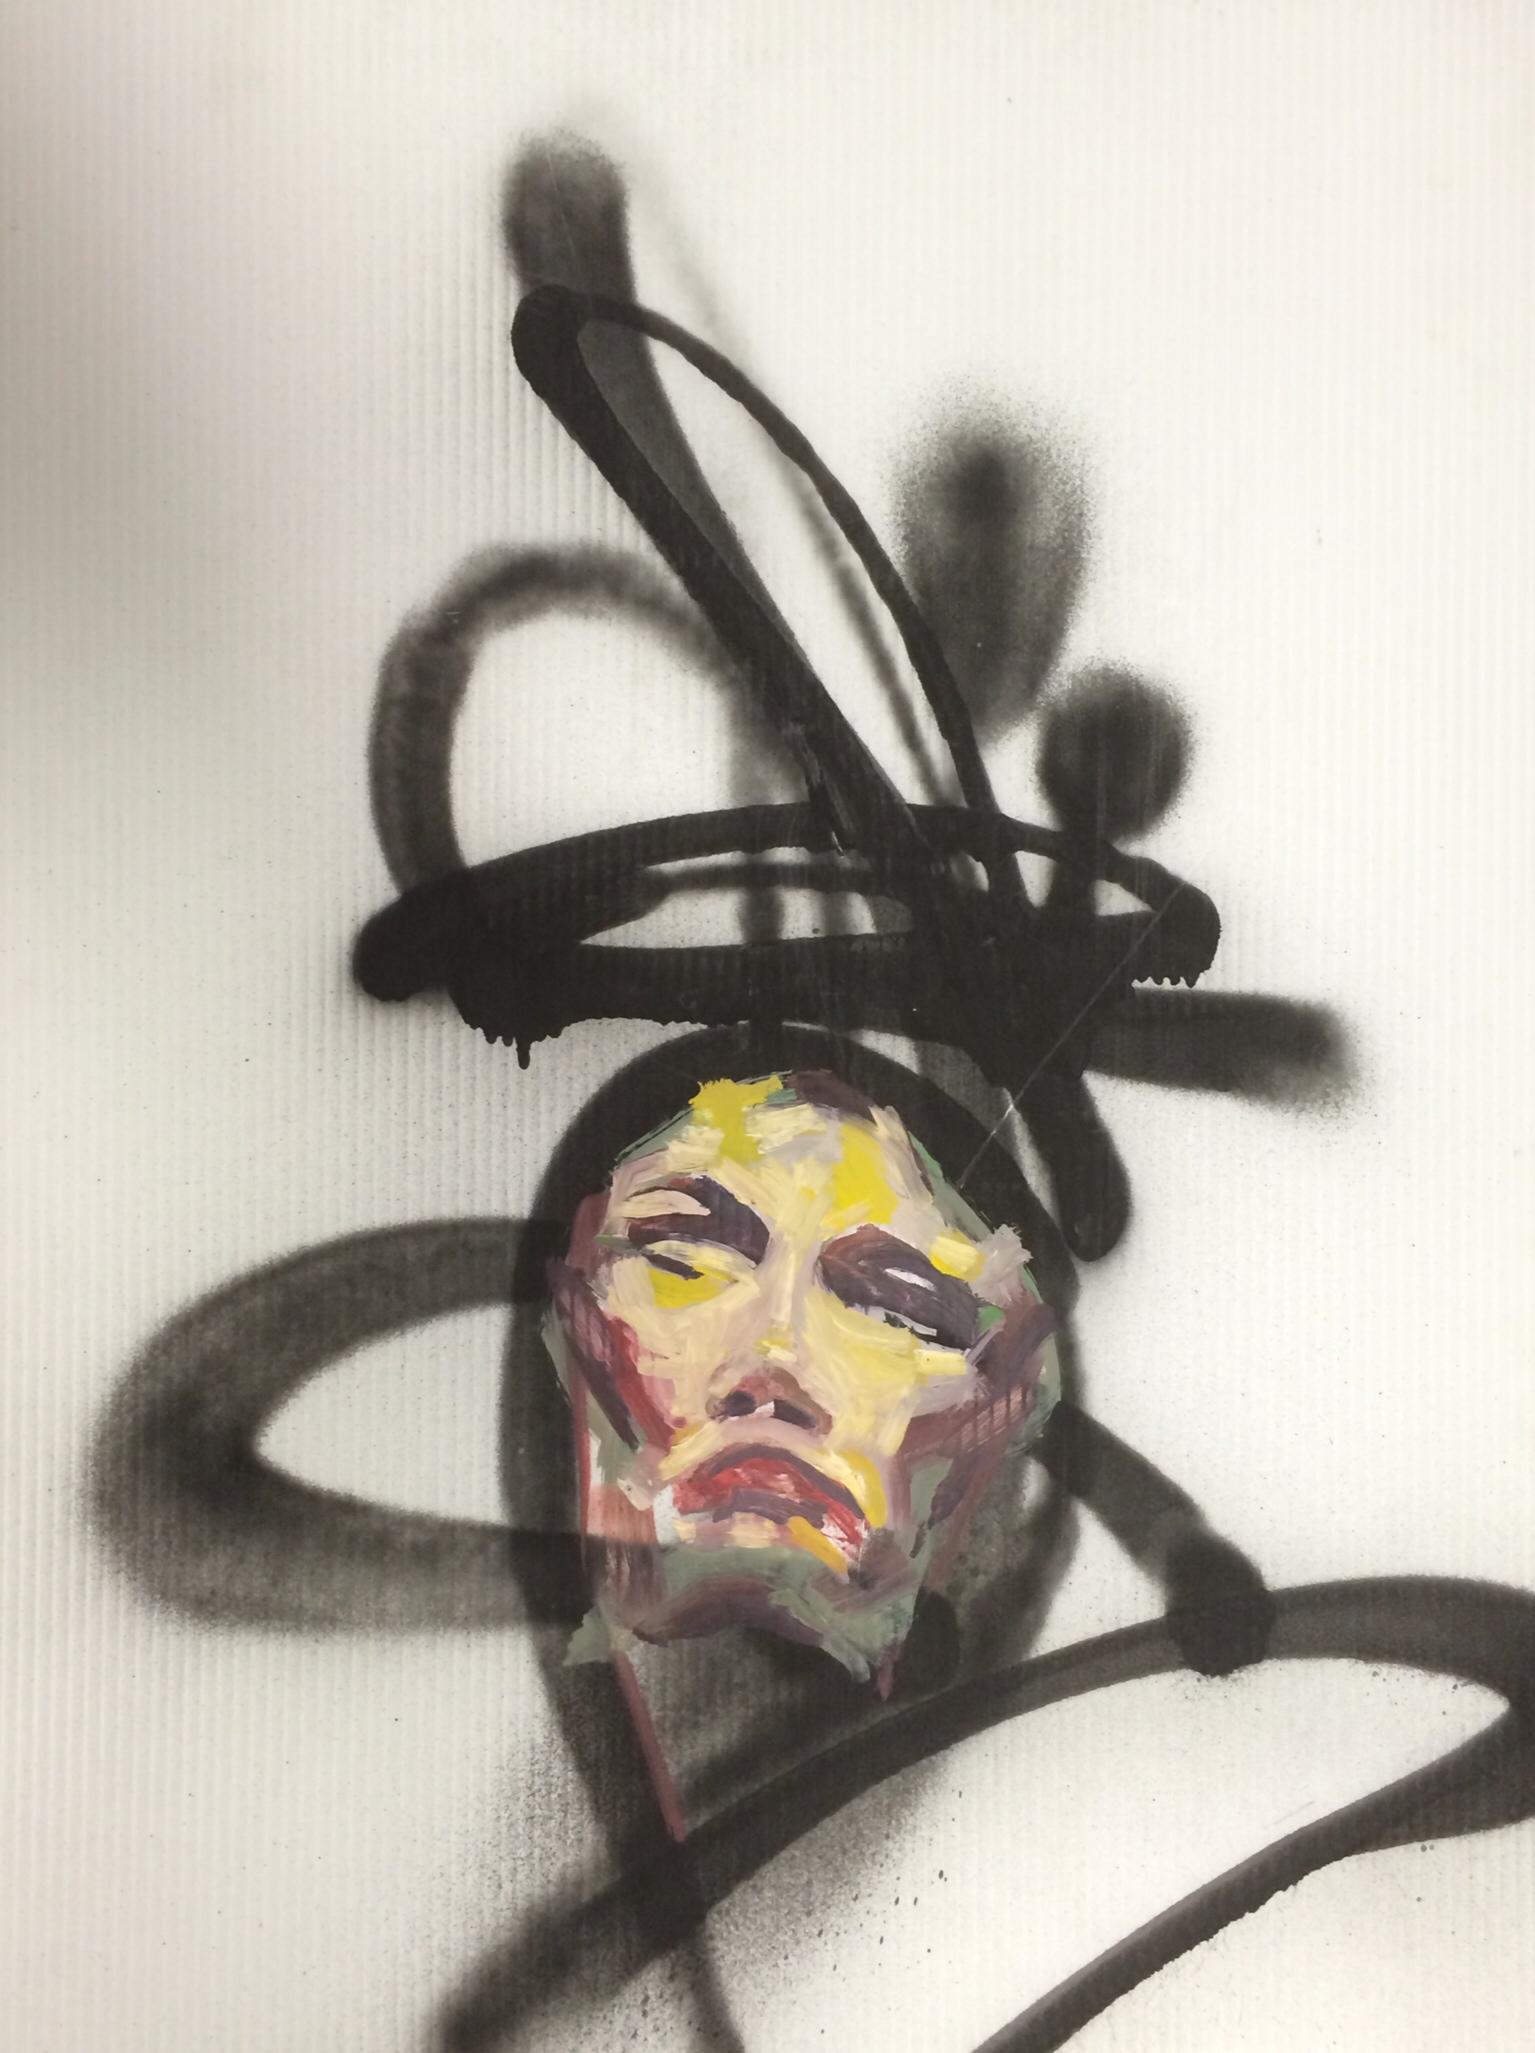 David Choe mixed media spray paint face artwork